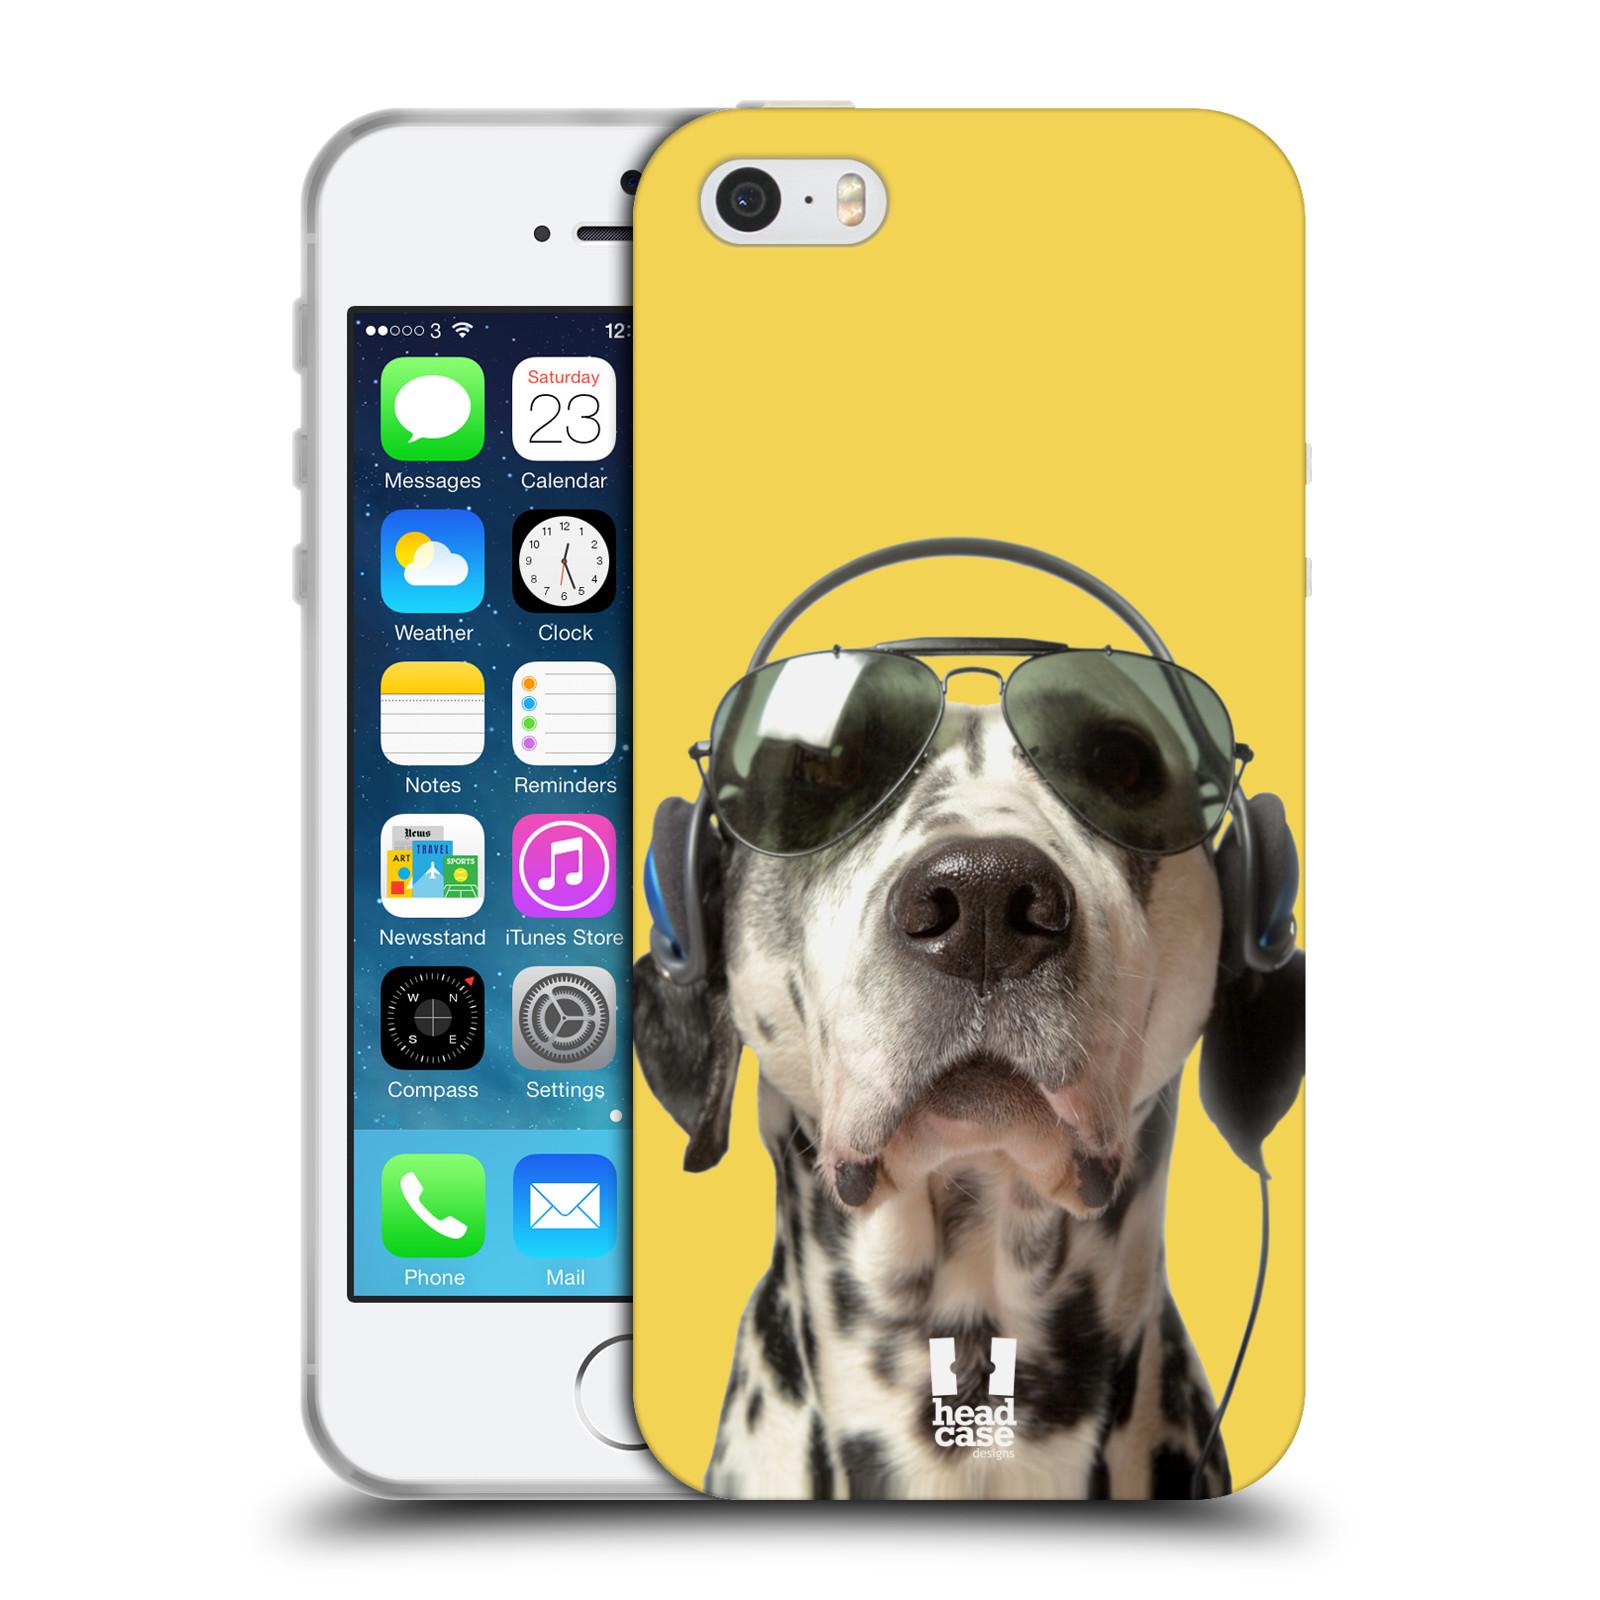 HEAD CASE silikonový obal na mobil Apple Iphone 5/5S vzor Legrační zvířátka dalmatin se sluchátky žlutá